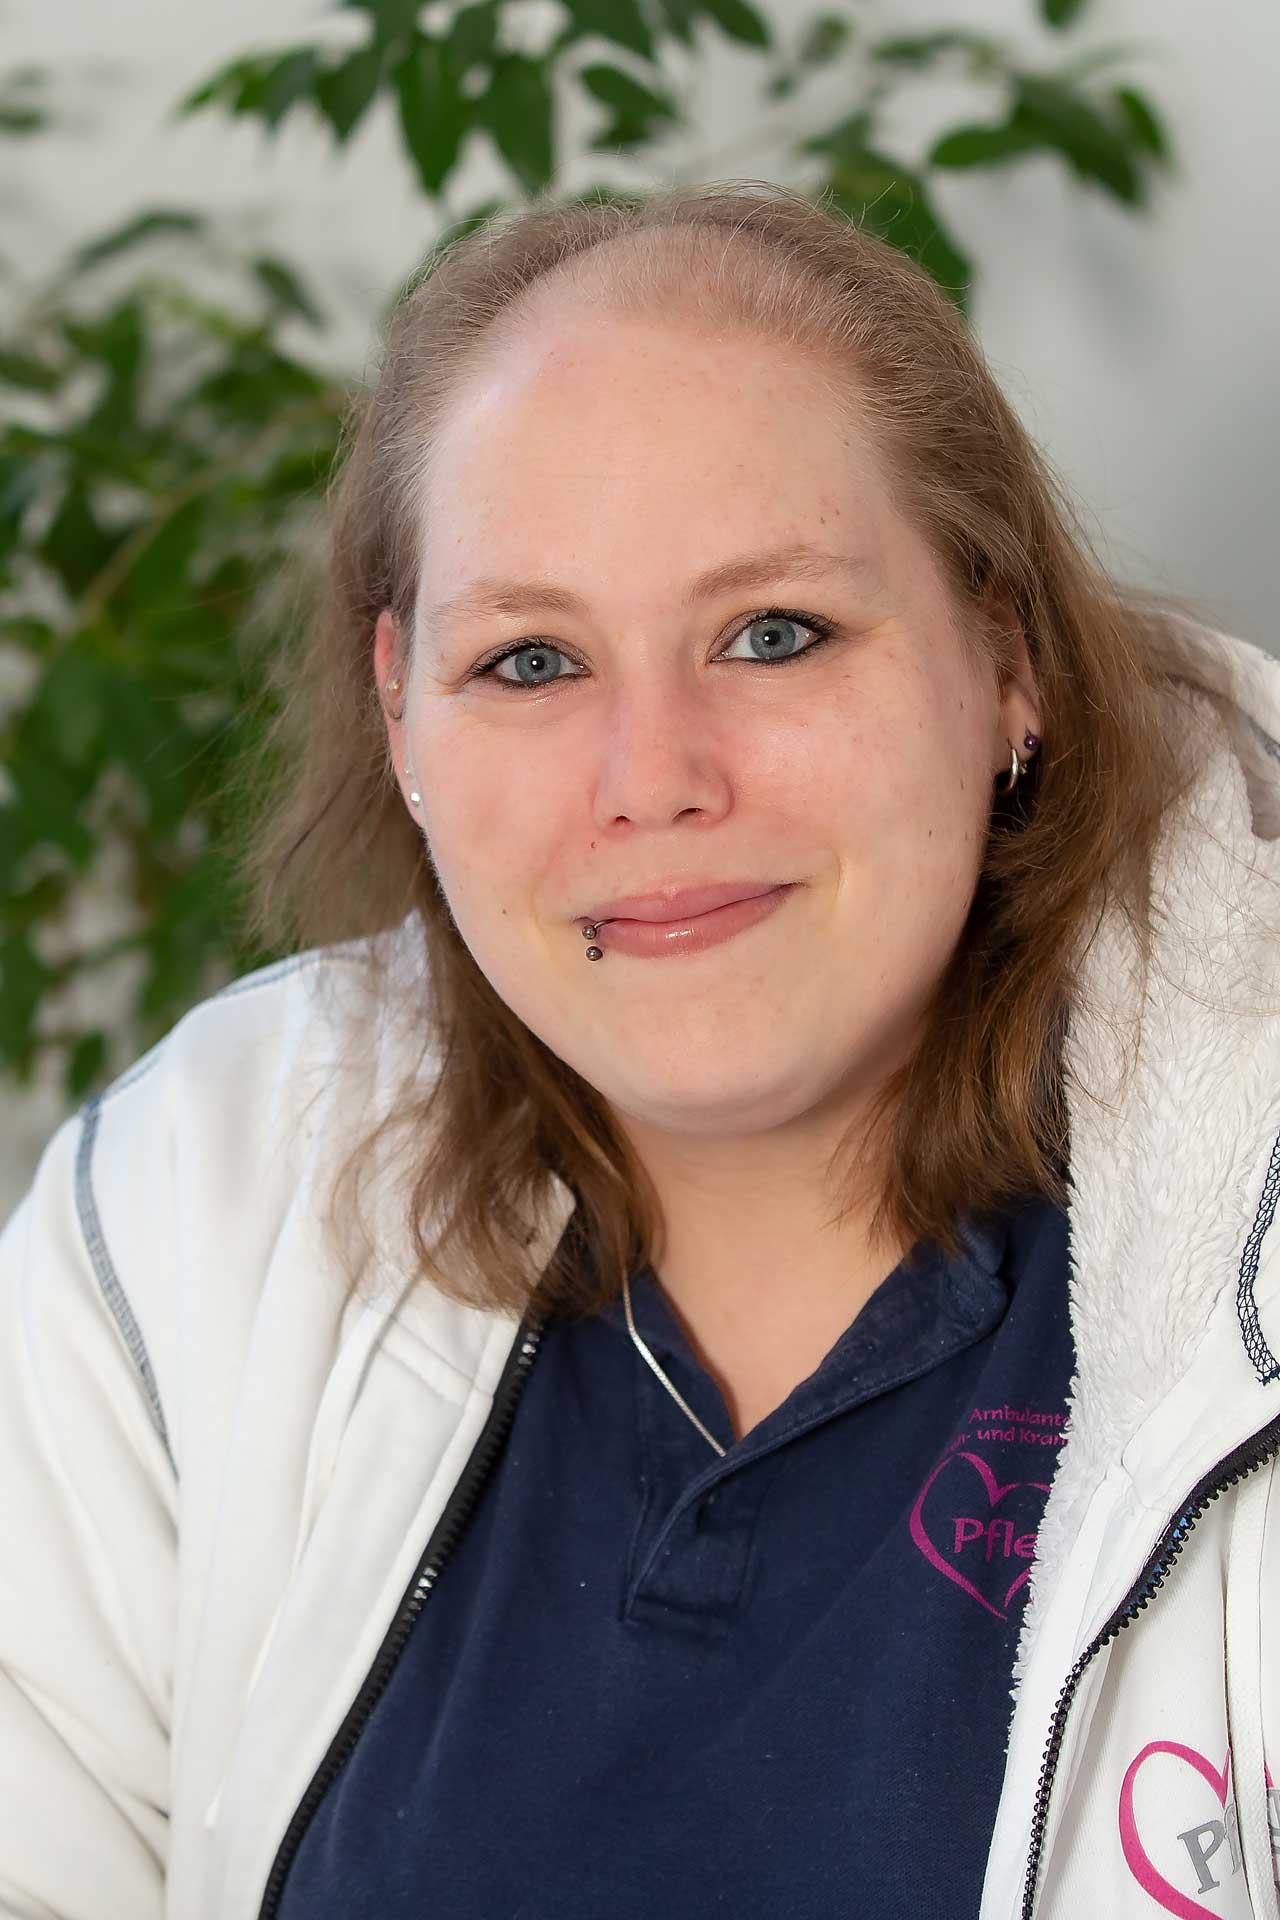 Melanie Wilhelm